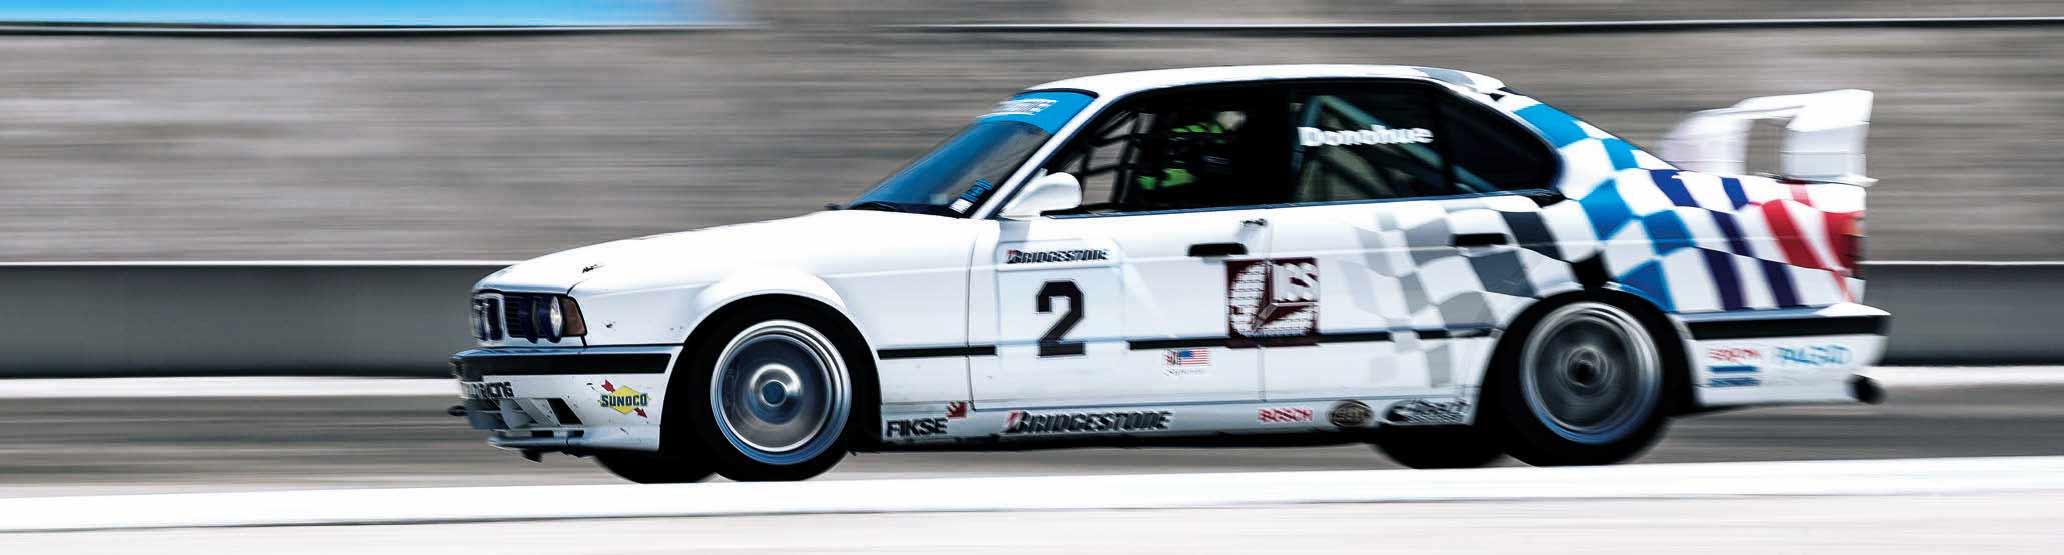 Bmw Z4 Diesel For Sale 1993 Bmw M5 E34 Imsa Race Car